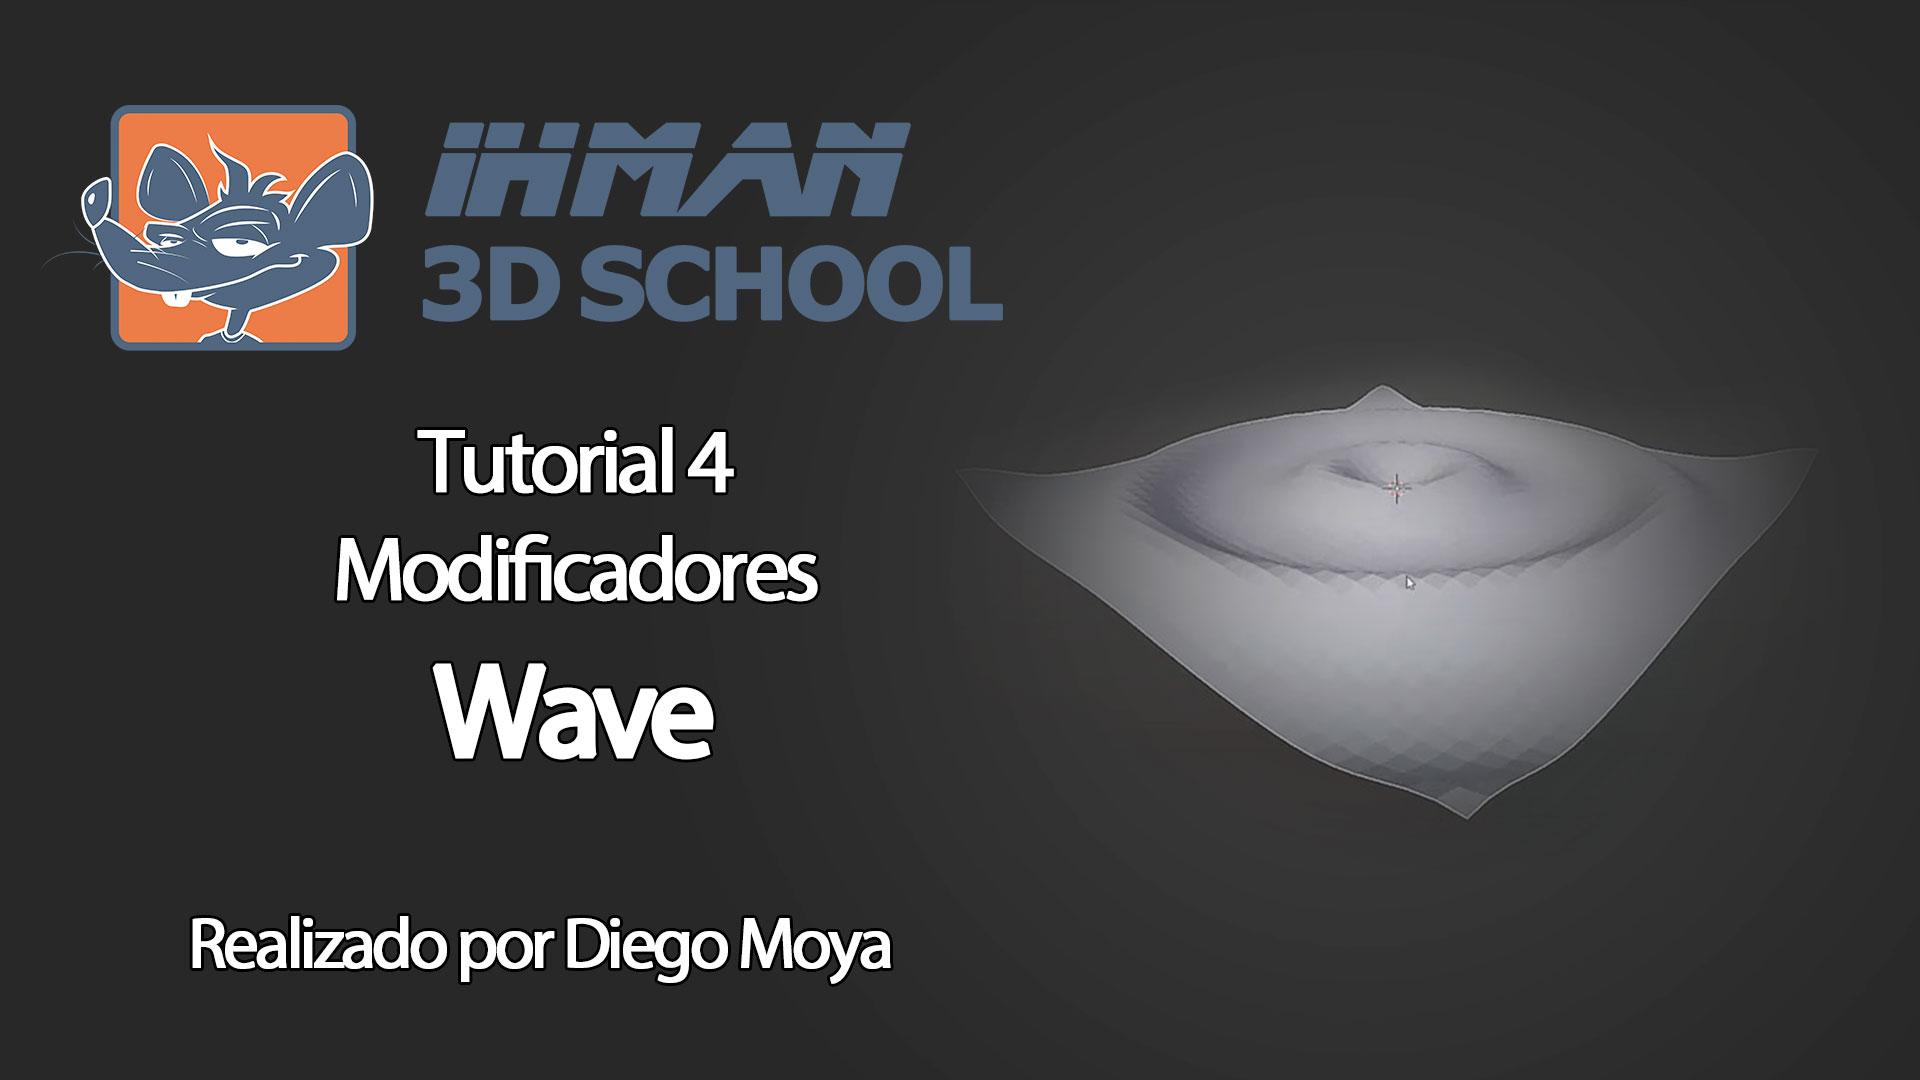 Presentación Ihman 3D School-cabecera_wave.jpg